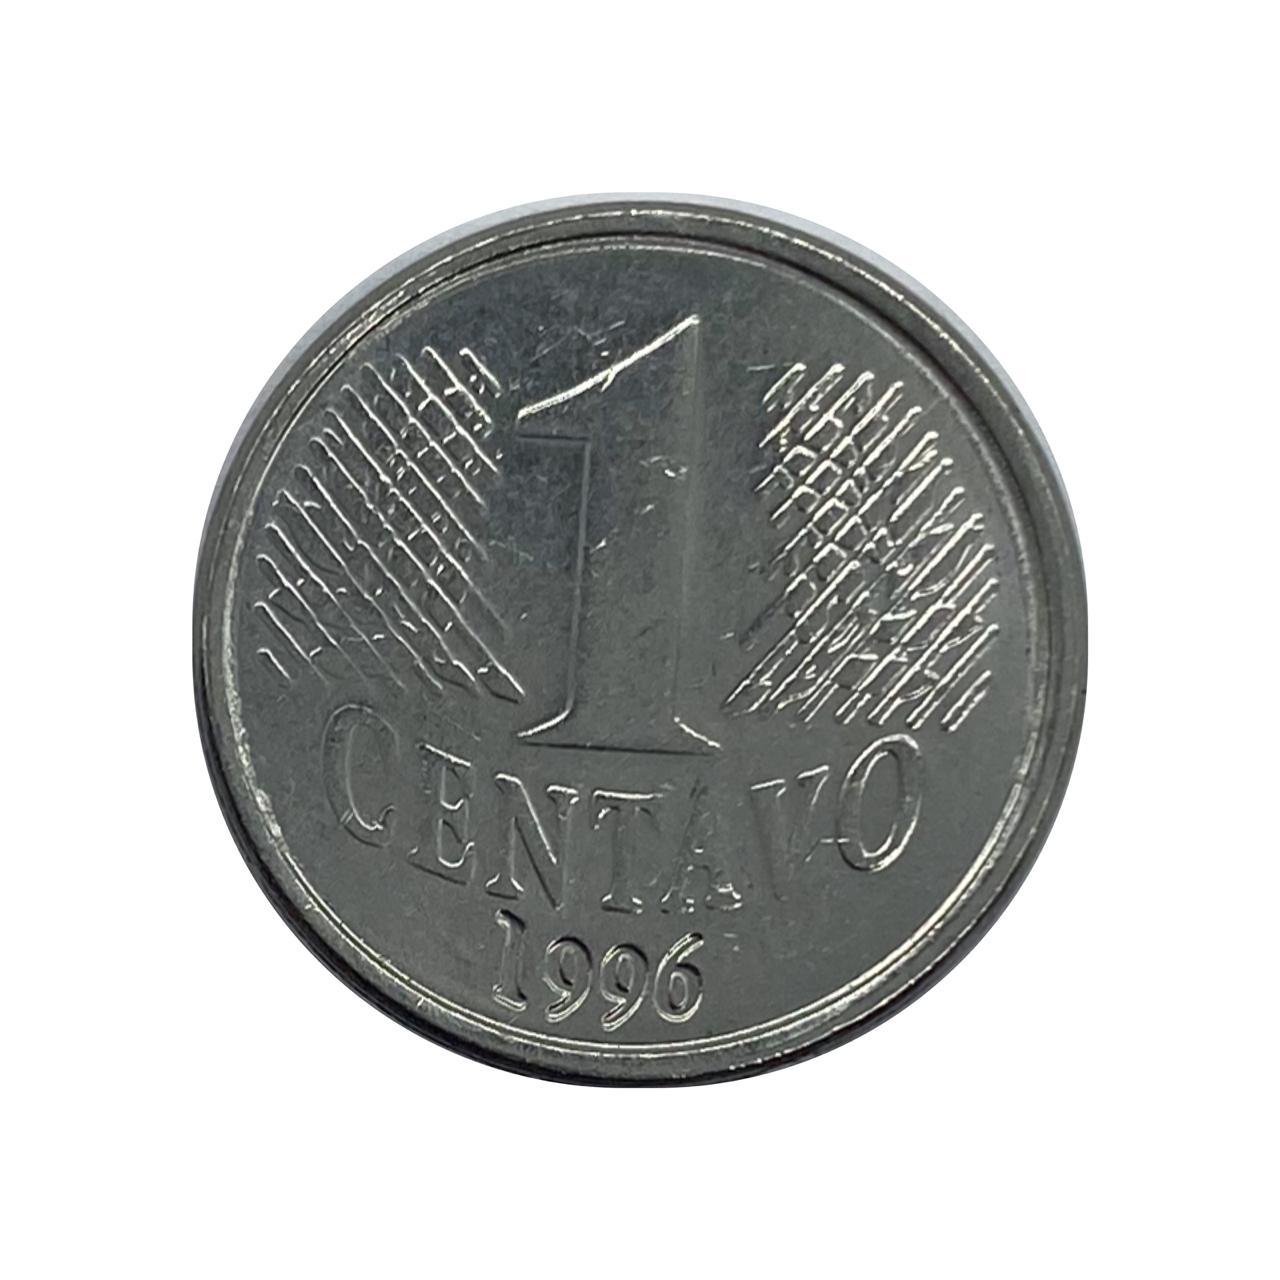 1 Centavo 1996 MBC